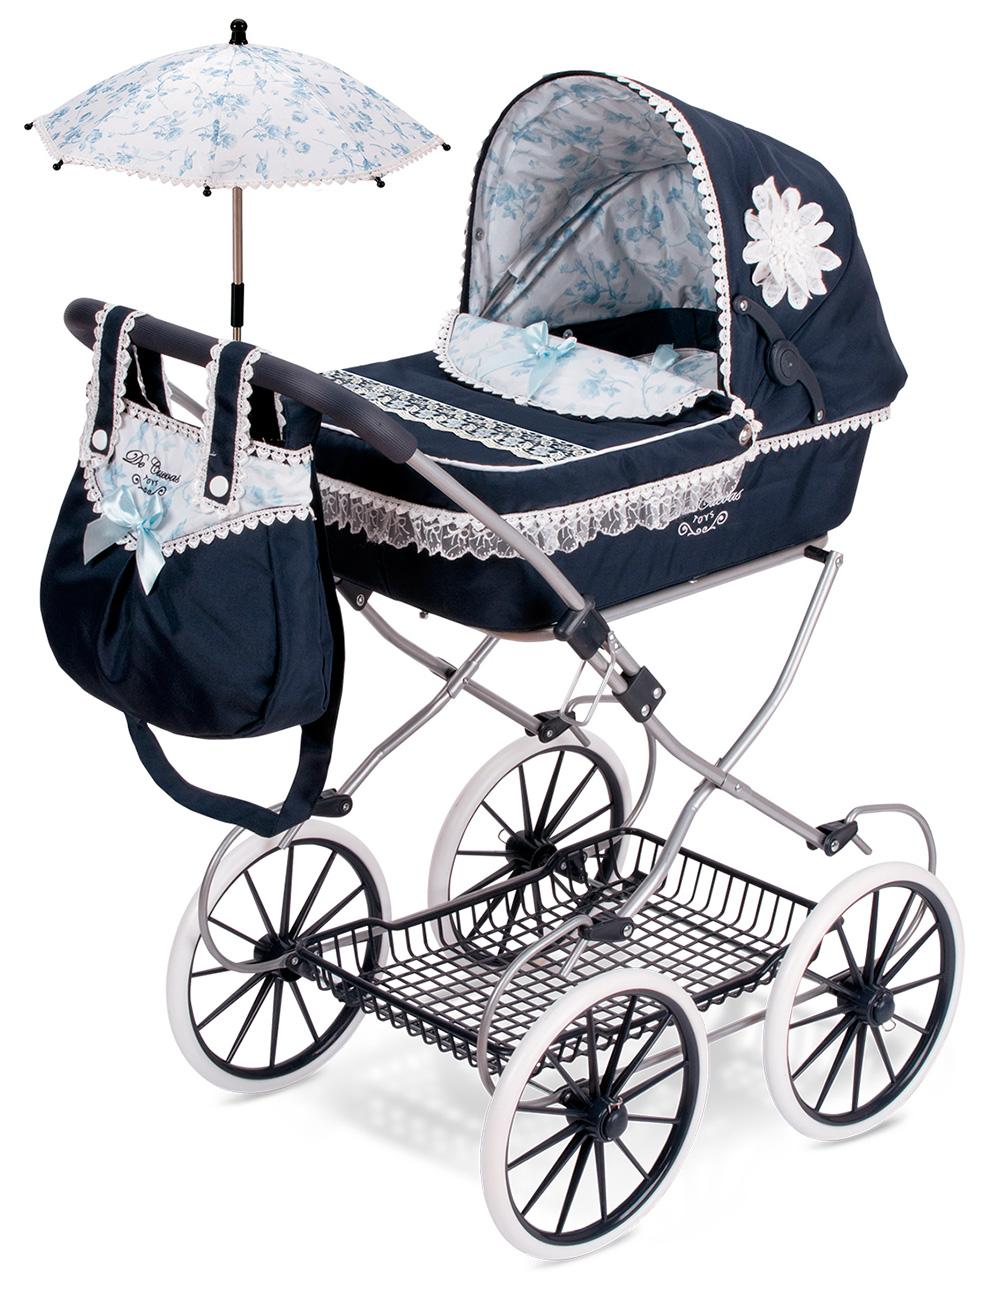 Купить Коляска для кукол DeCuevas с сумкой и зонтиком Романтик 81 см, Коляски для кукол